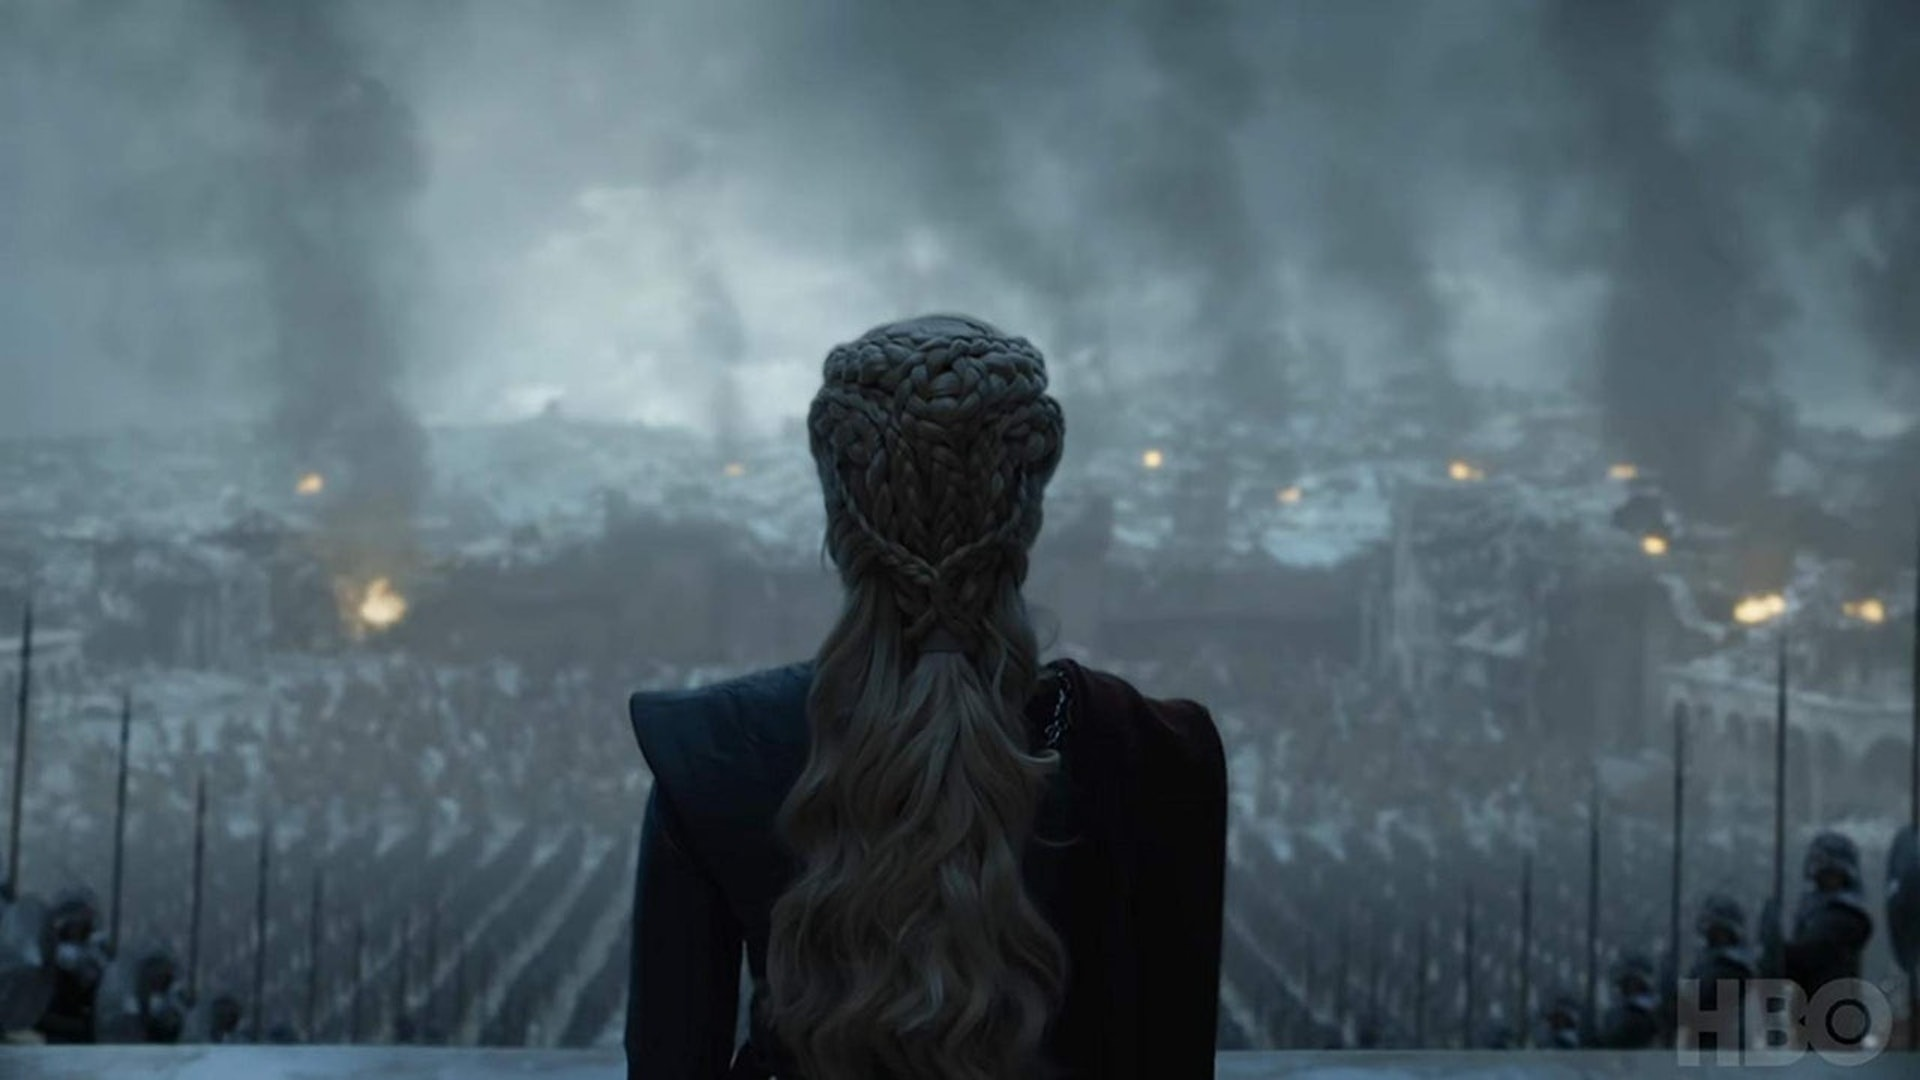 騰訊在2014年與HBO達成戰略合作,引入《權力遊戲》(Game of the Thrones),成為內地獨家授權播放平台。(IMDb)